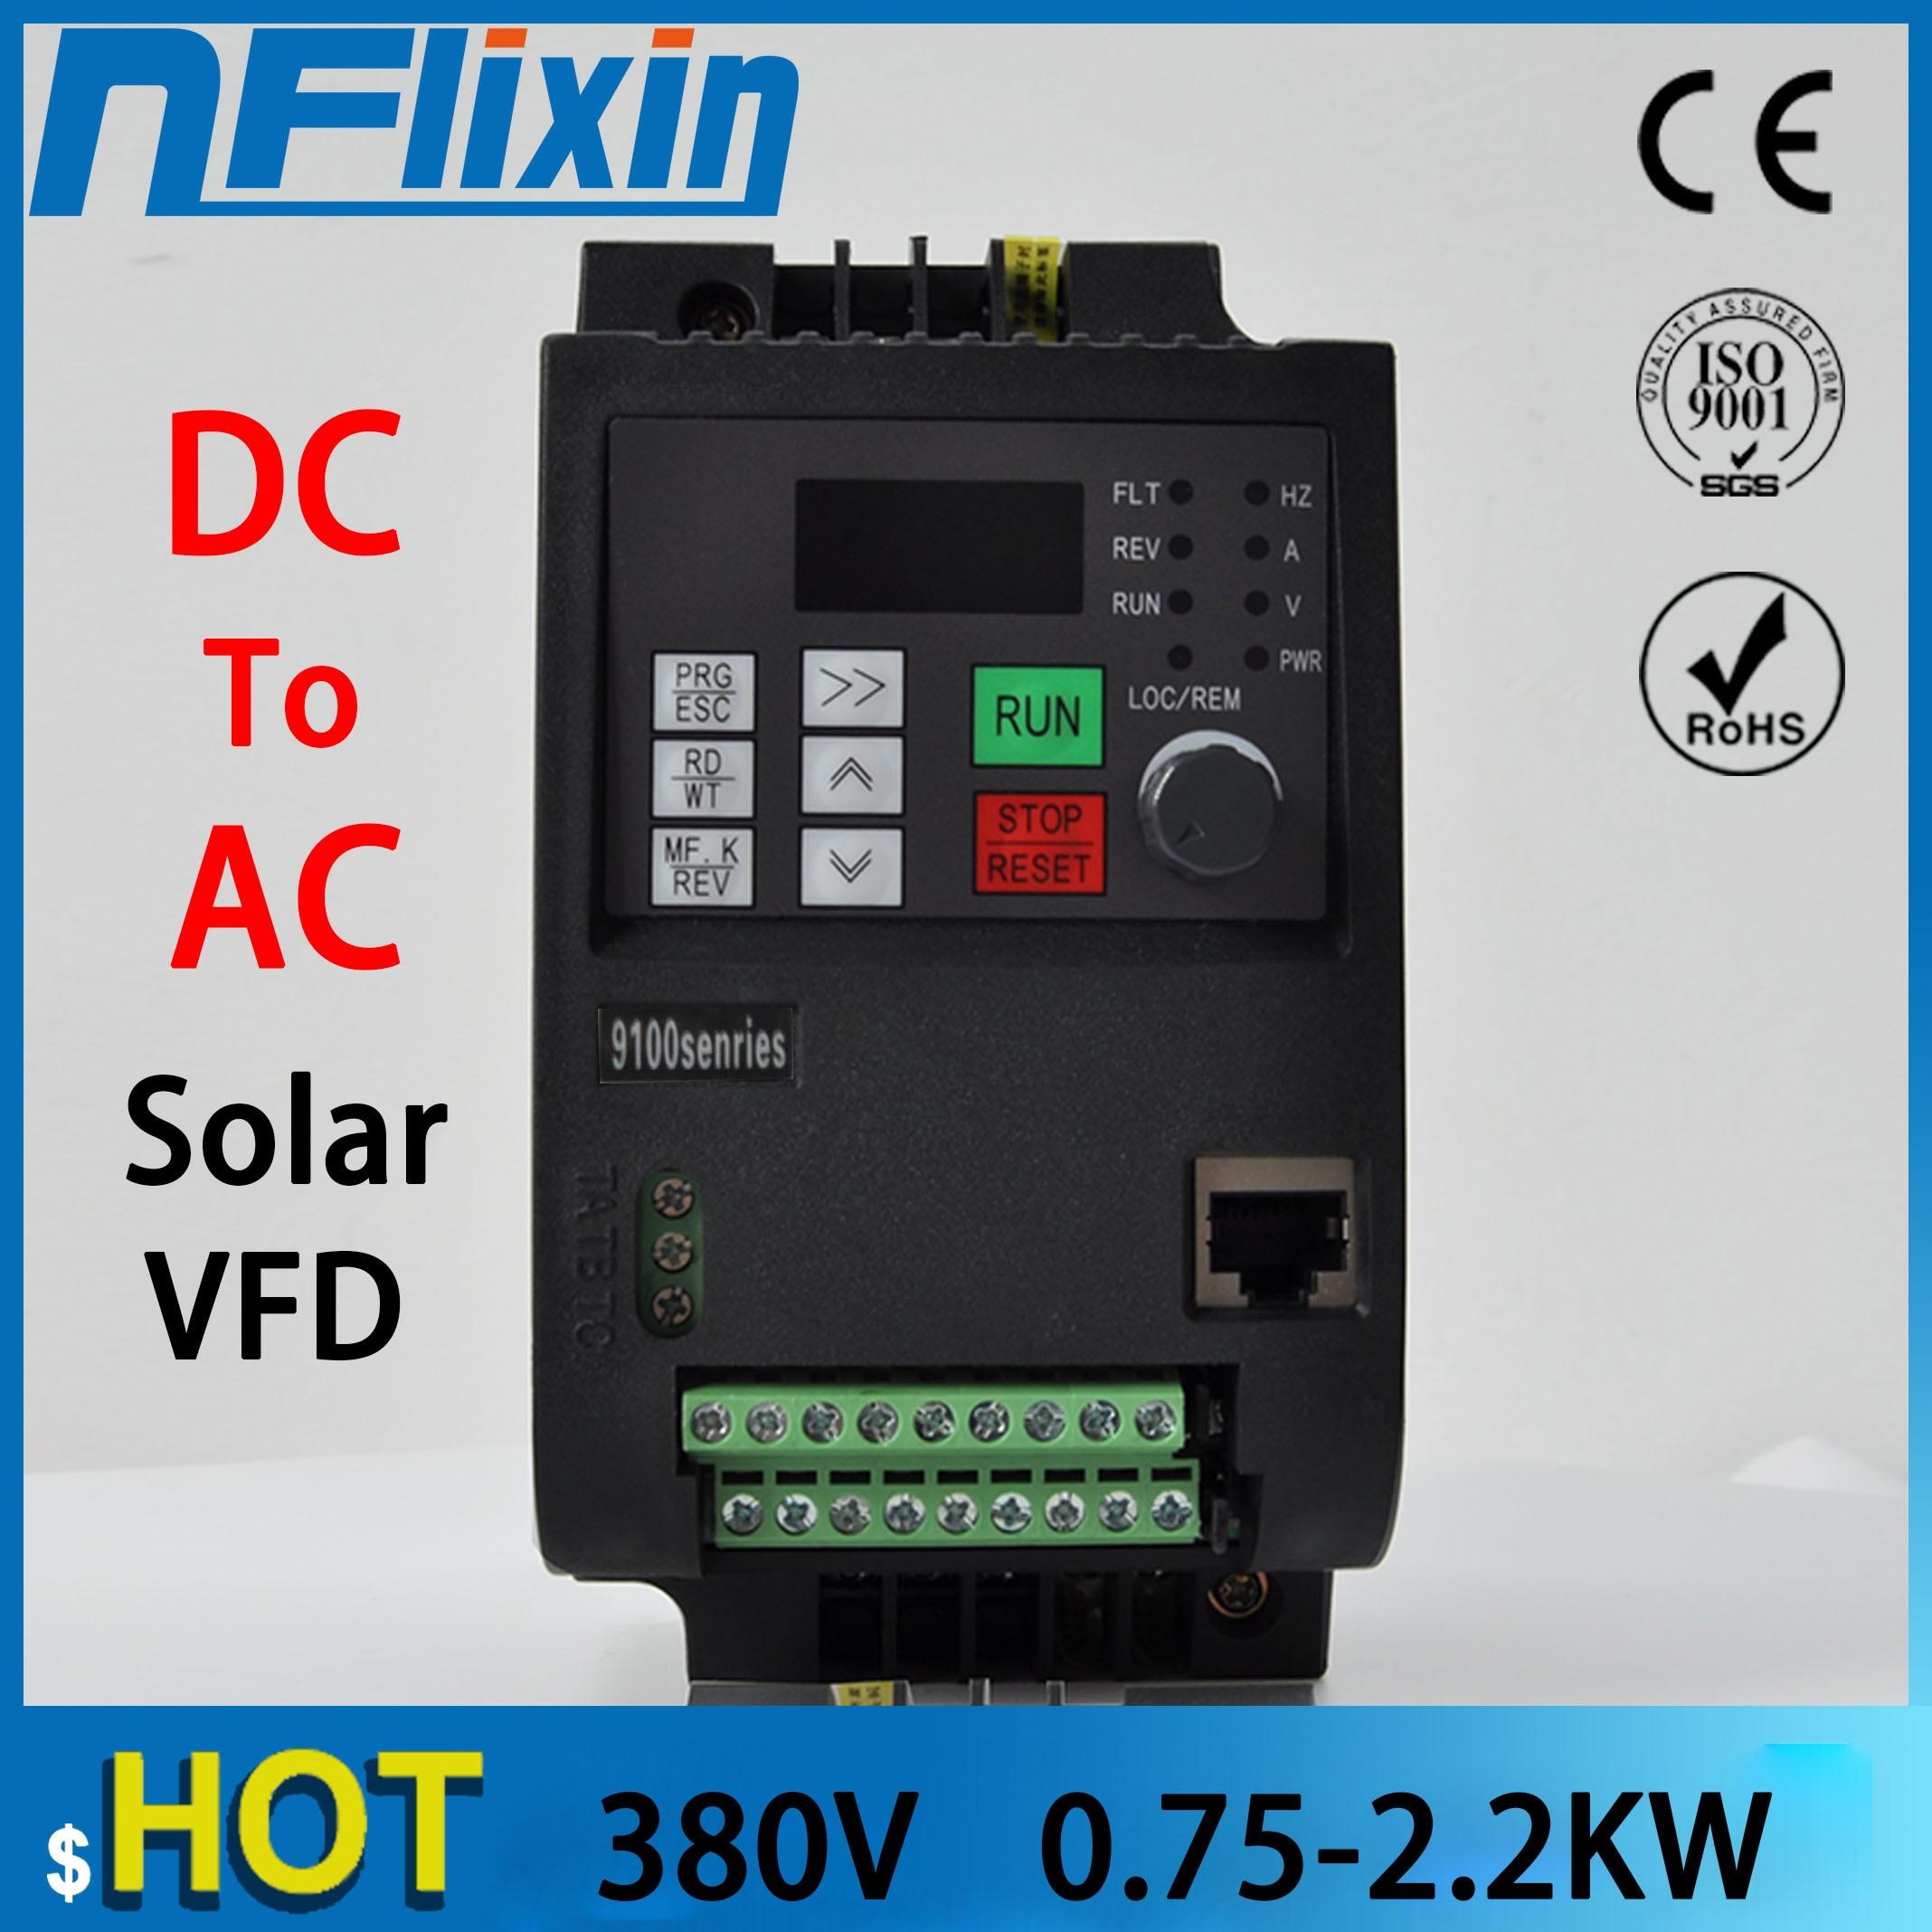 Convertidor de frecuencia de Control vectorial NF9100 DC 400V-700V a inversor de bomba solar trifásico 380V con control MPPT envío gratis